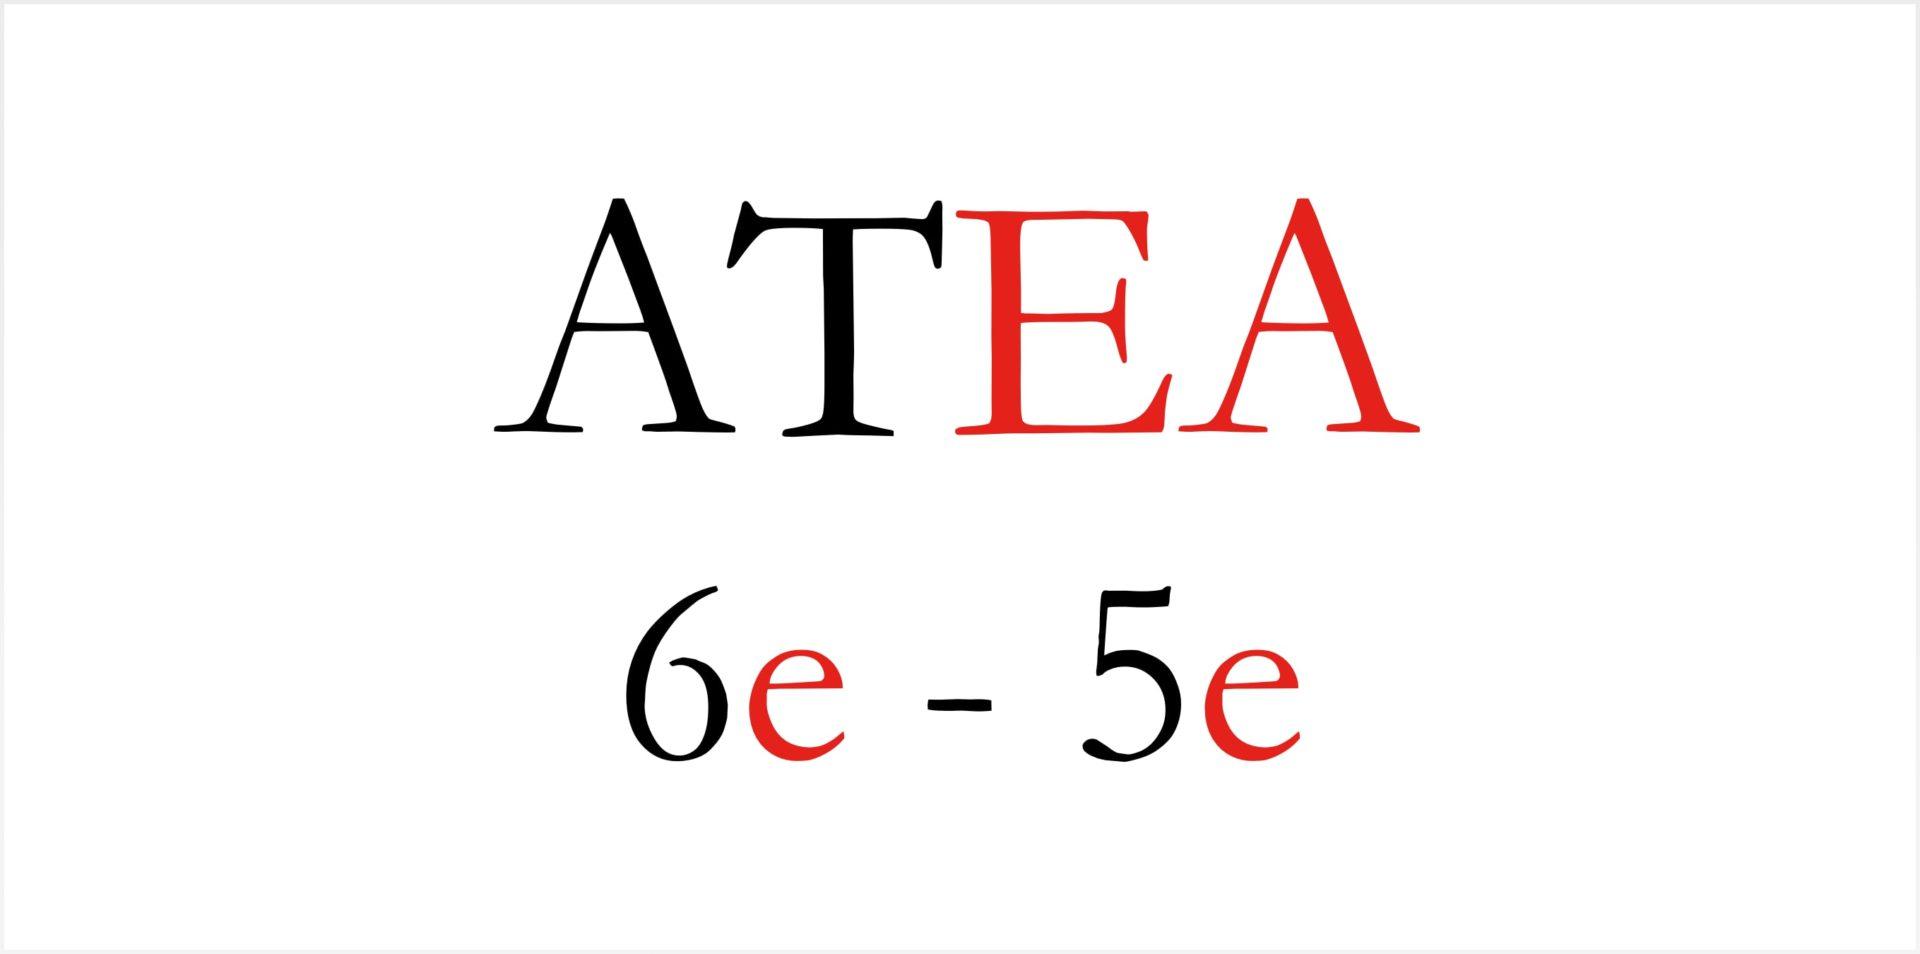 ATEA 6e-5e